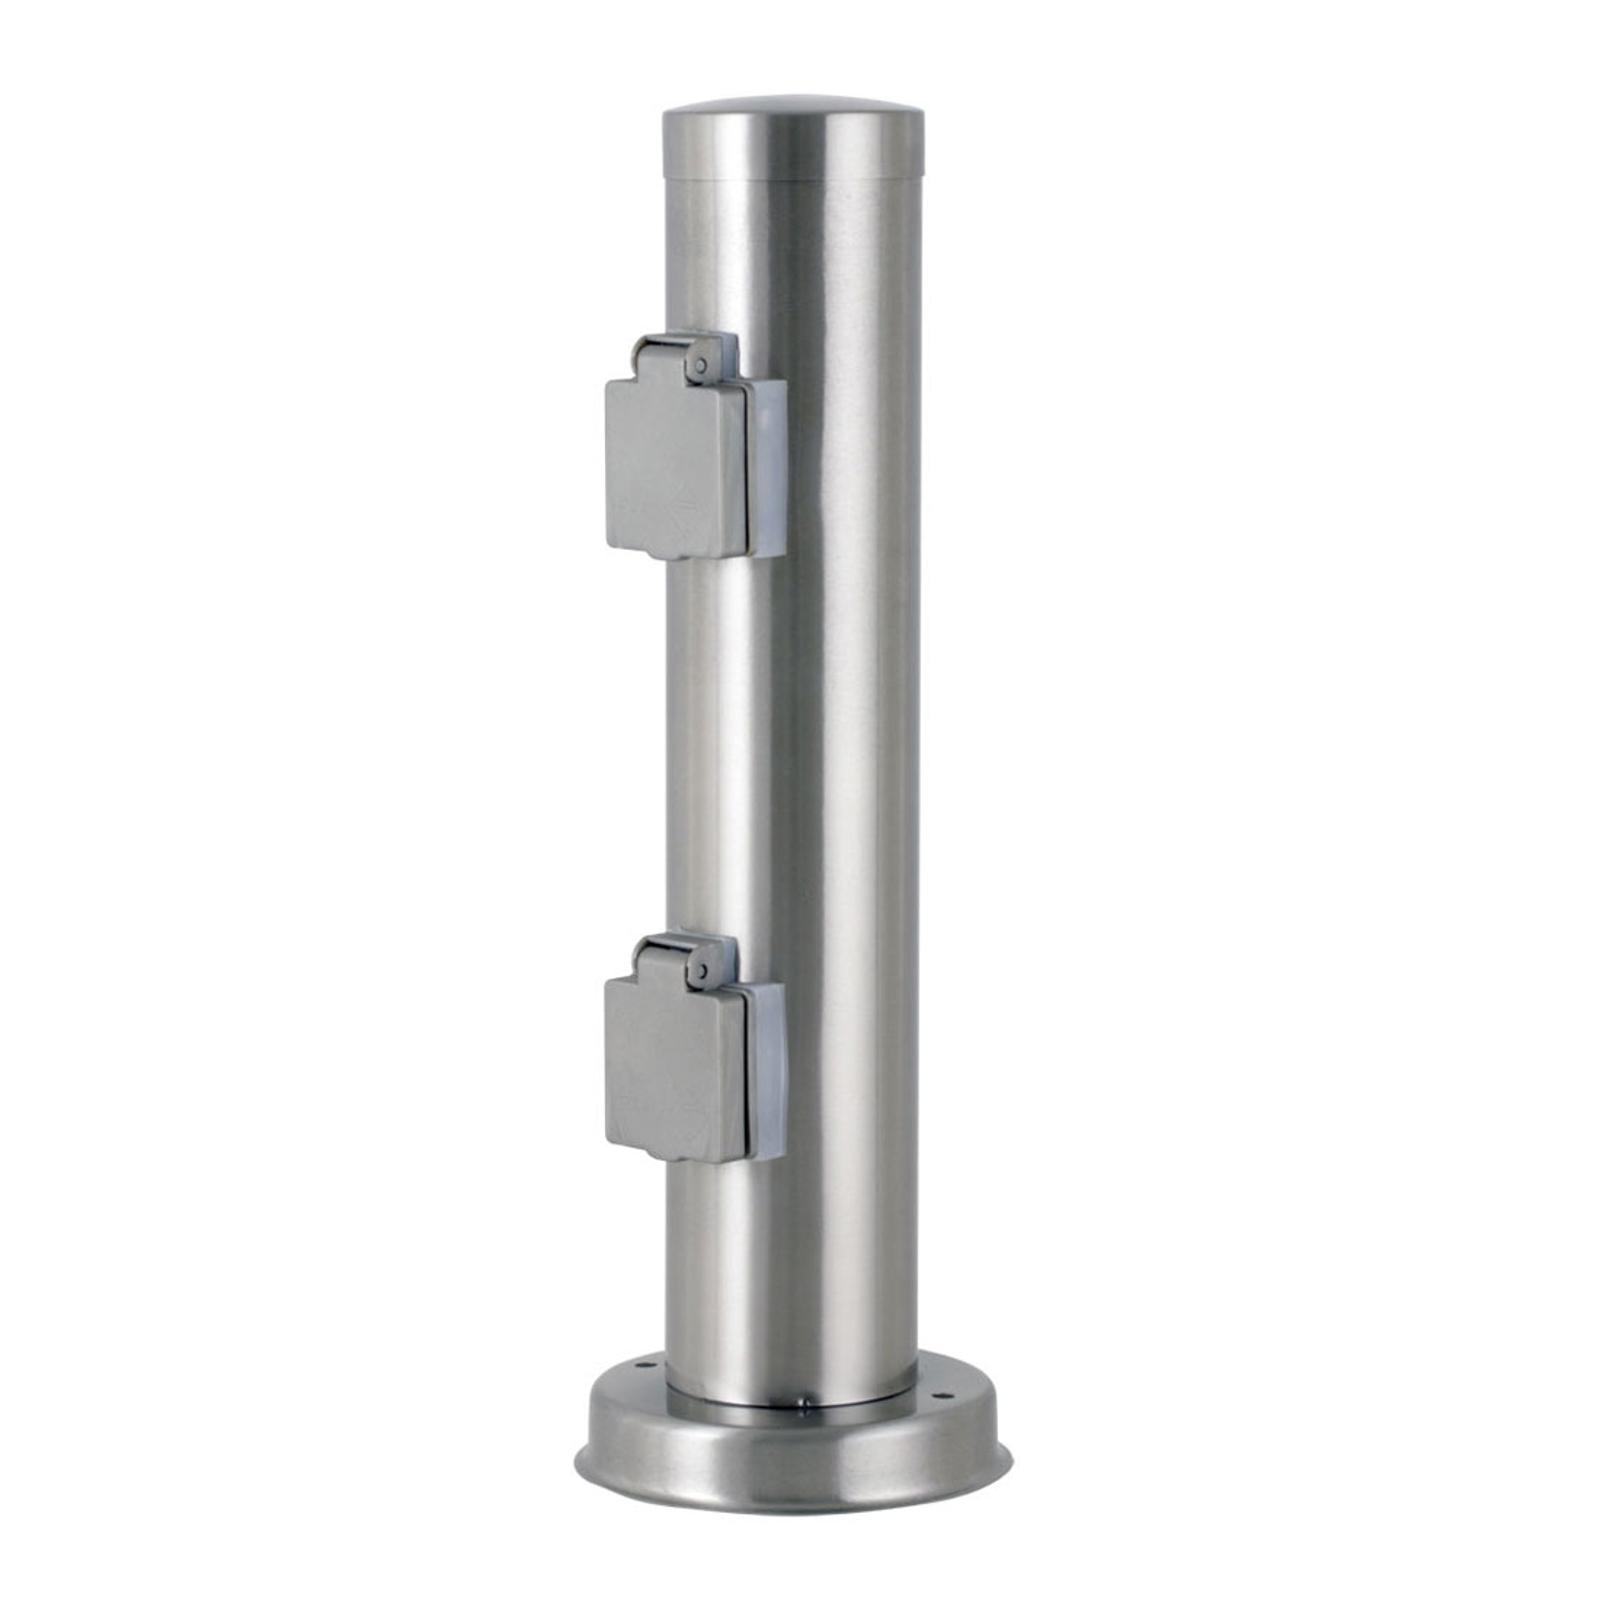 Stikdåsesøjle 71289934 rustfrit stål, 2 stikdåser